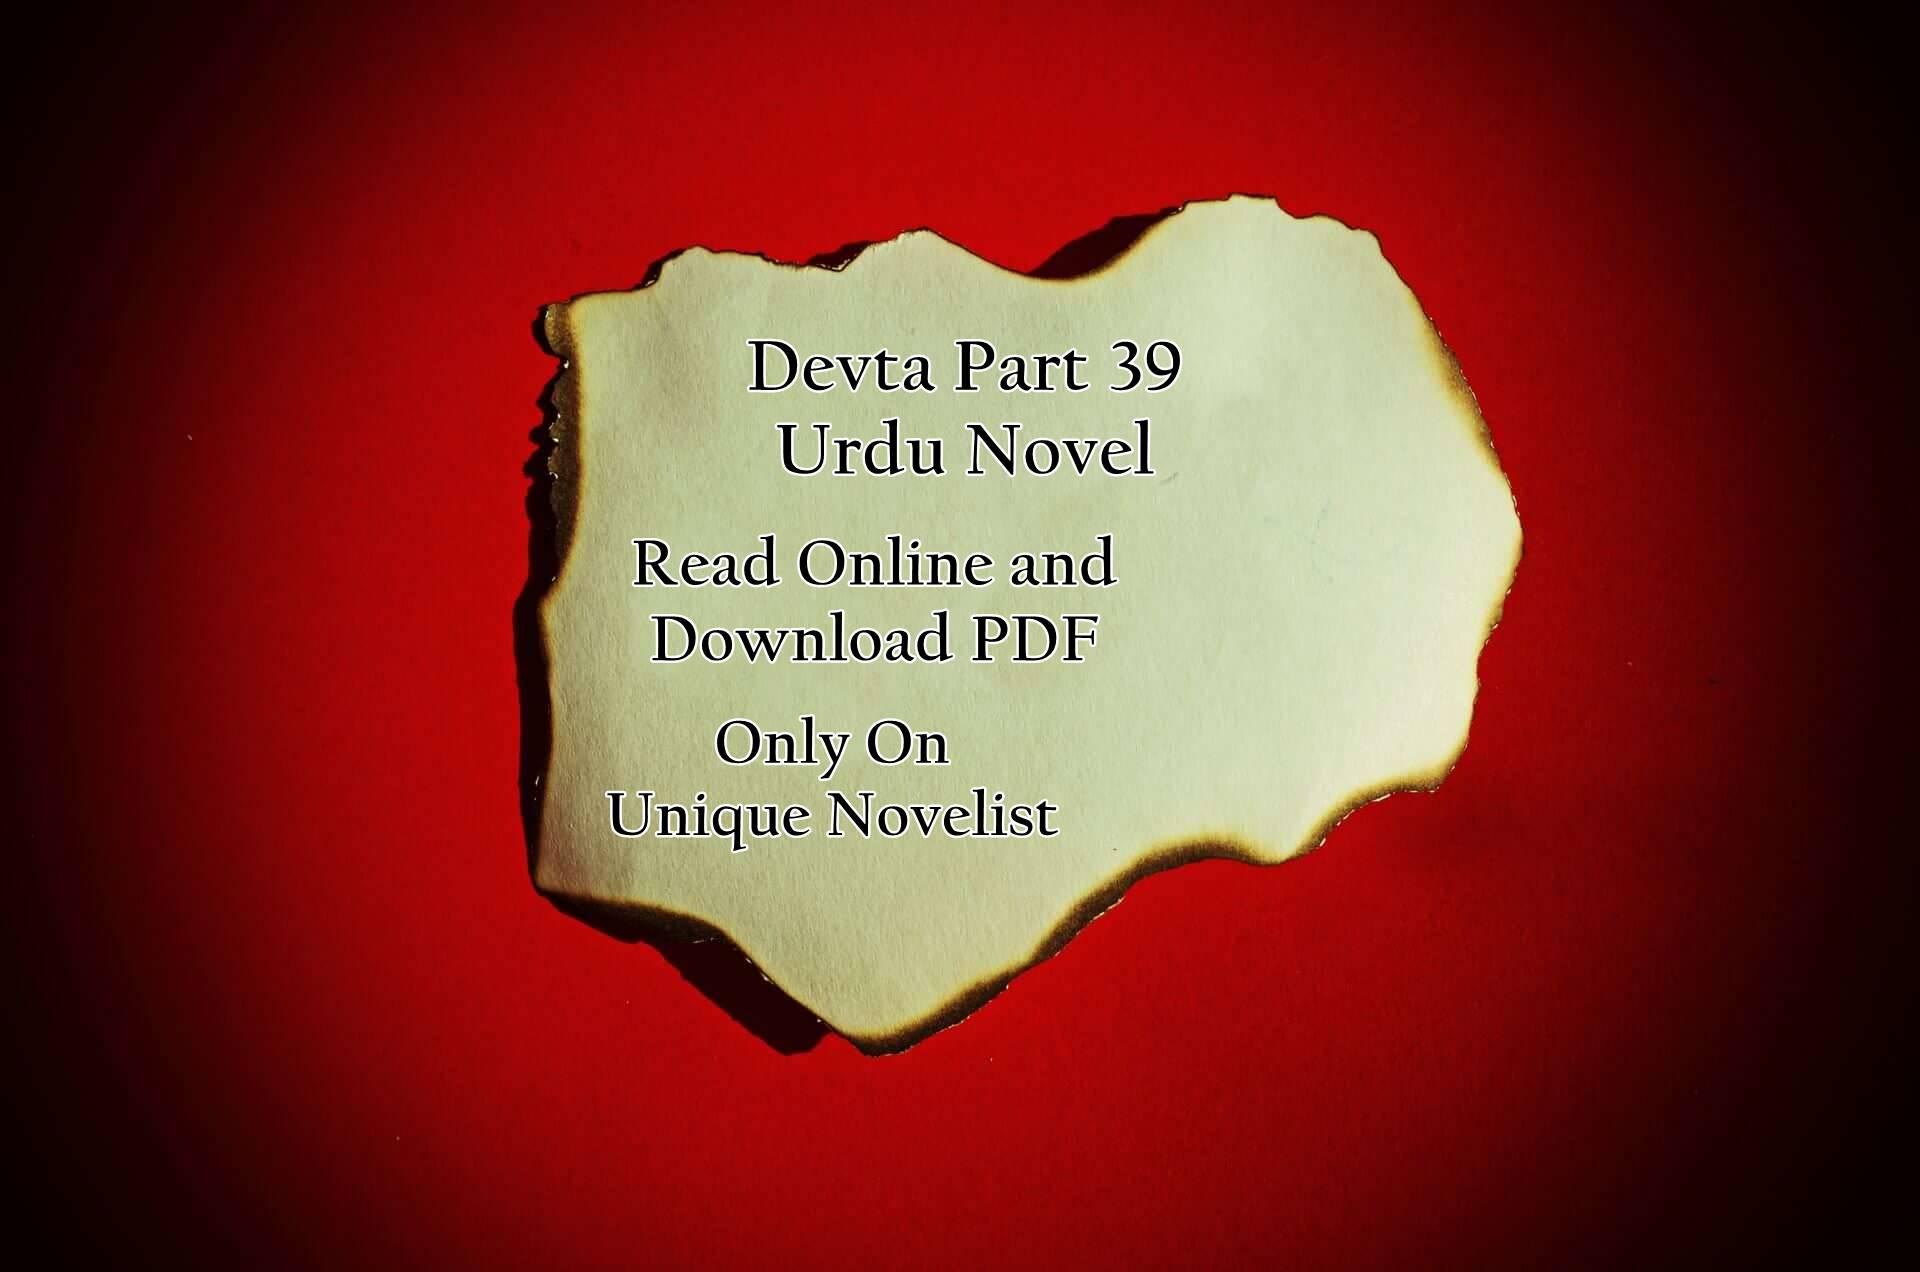 Devta Part 39 Urdu Novel Download